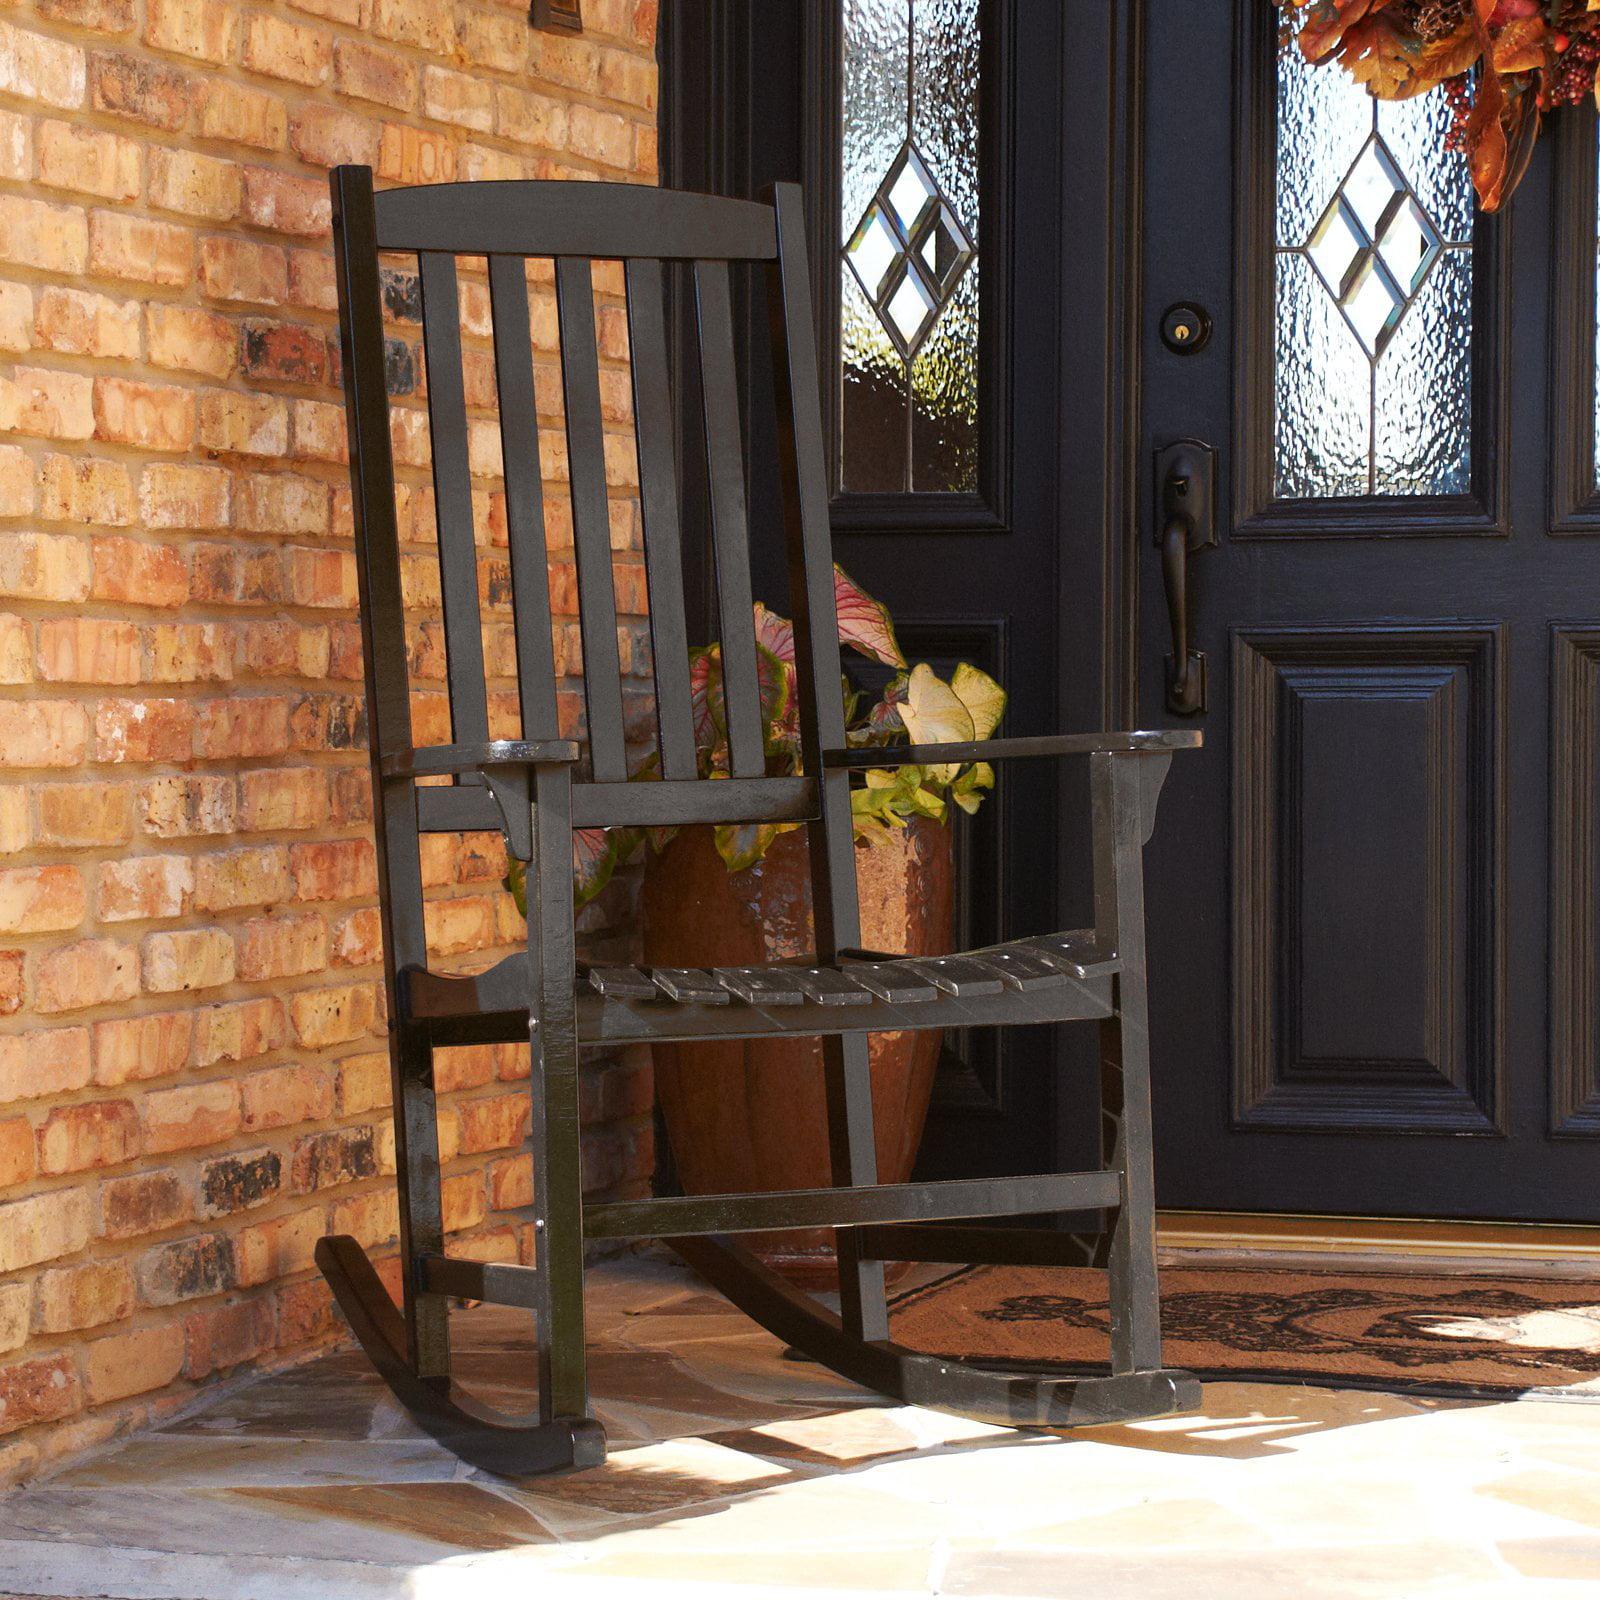 Southern Enterprises Porch Rocker - Black